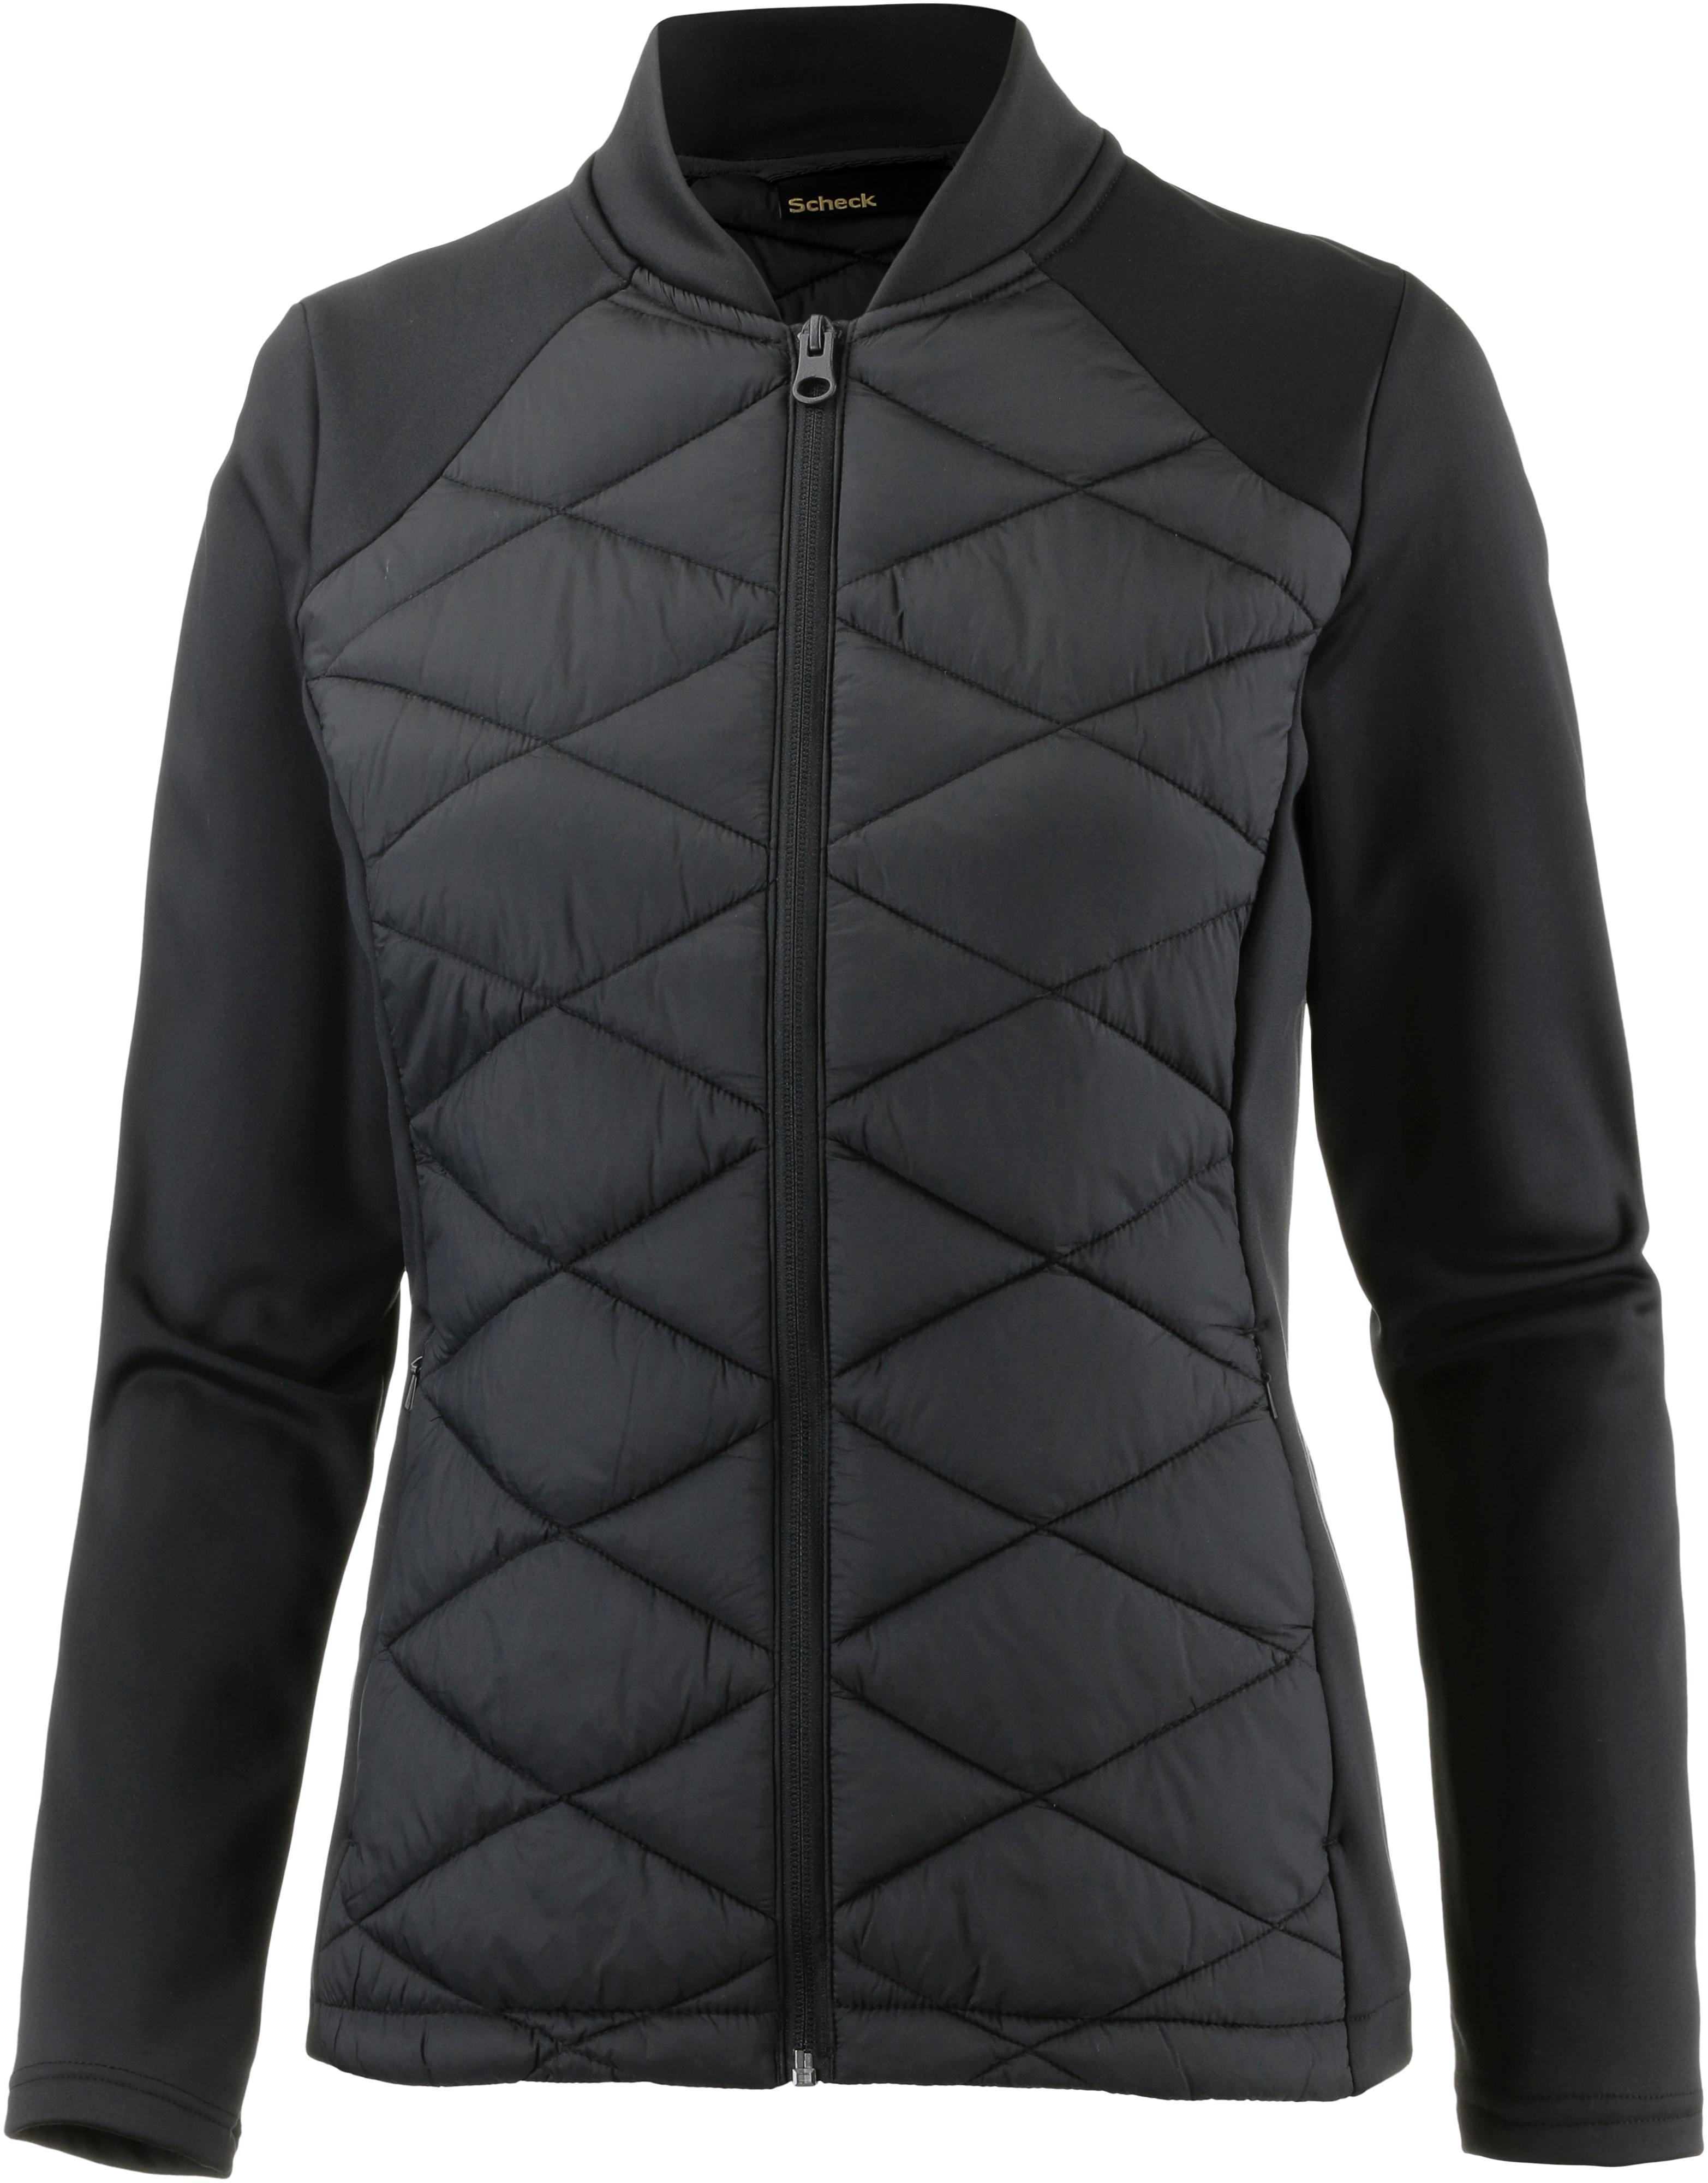 Jersey jacke damen schwarz